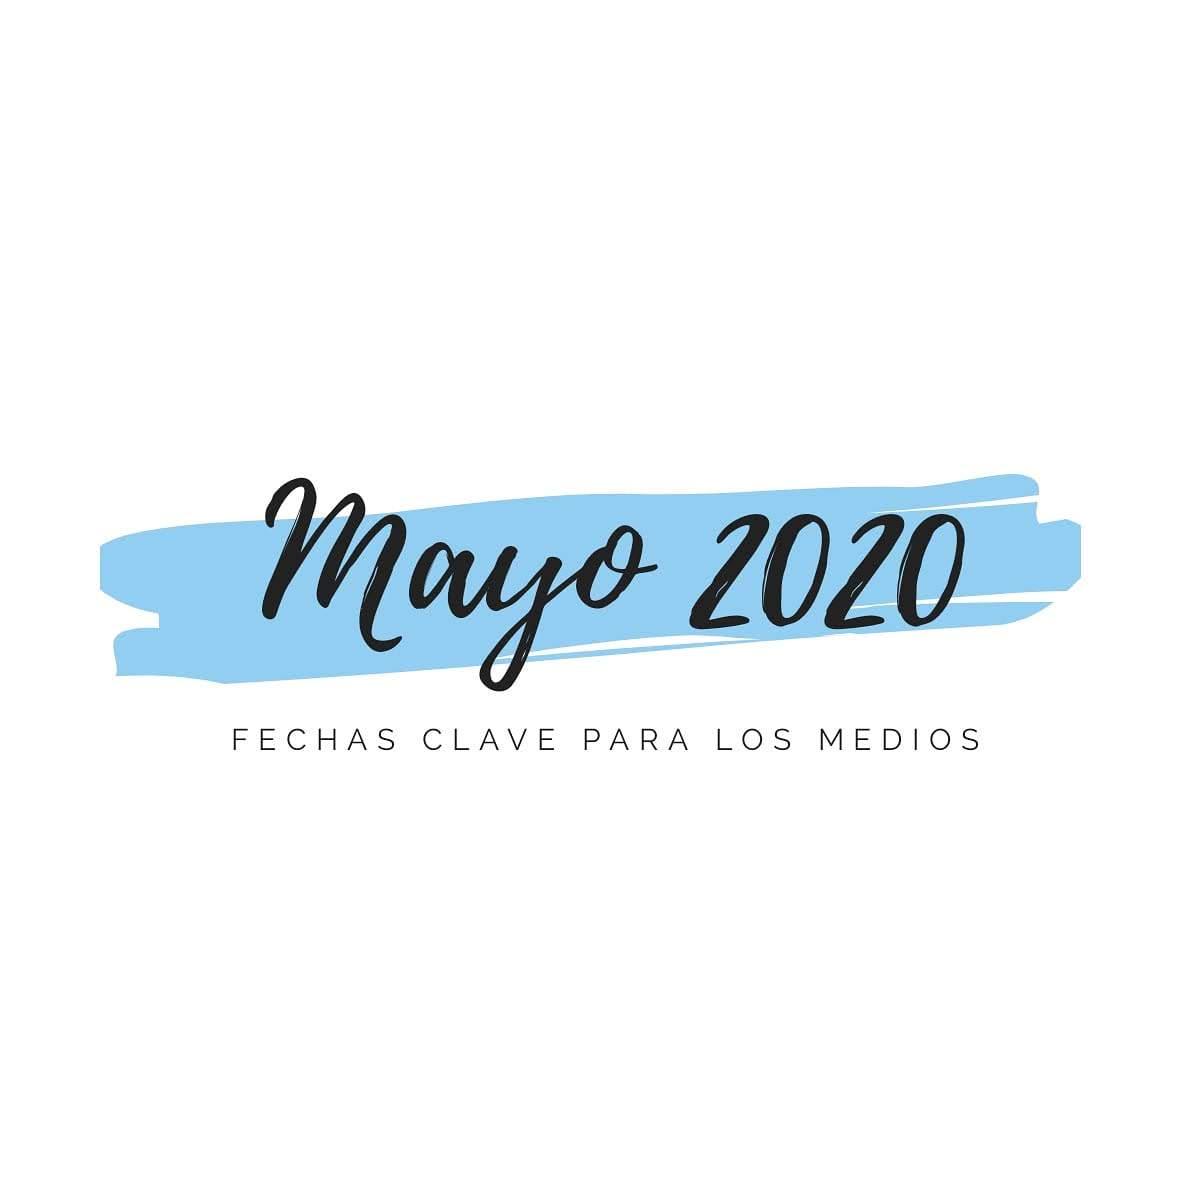 fechas mayo 2020 medios de comunicacion